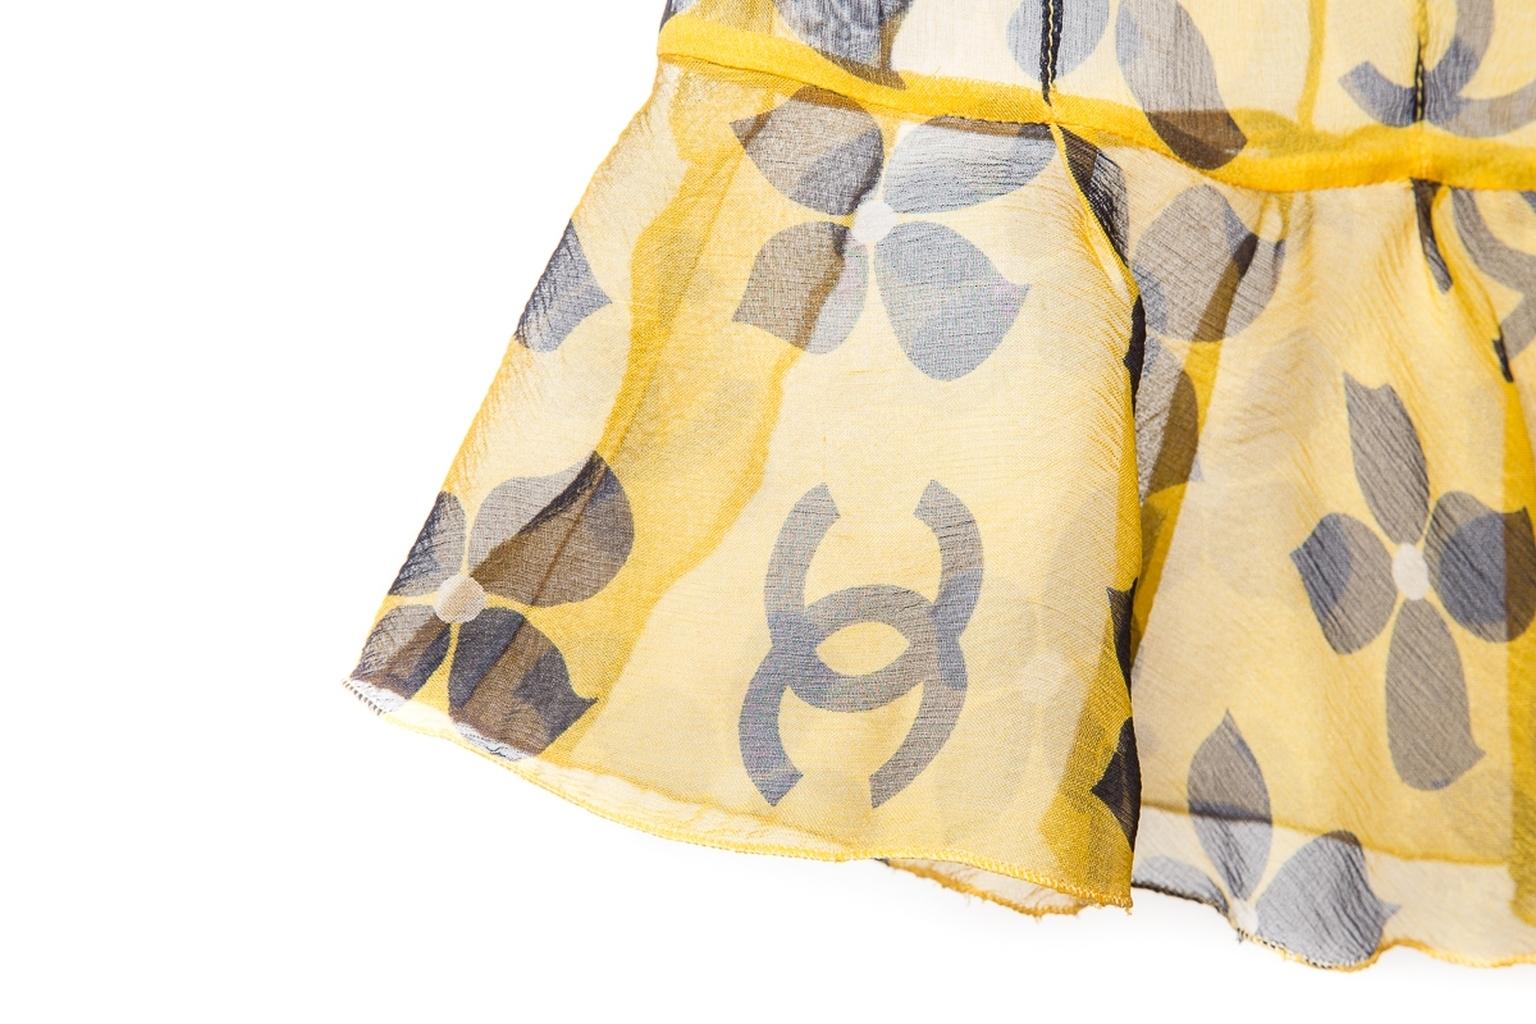 Стильное мини-платье из легкого шелка желтого цвета от Chanel, 34 размер.